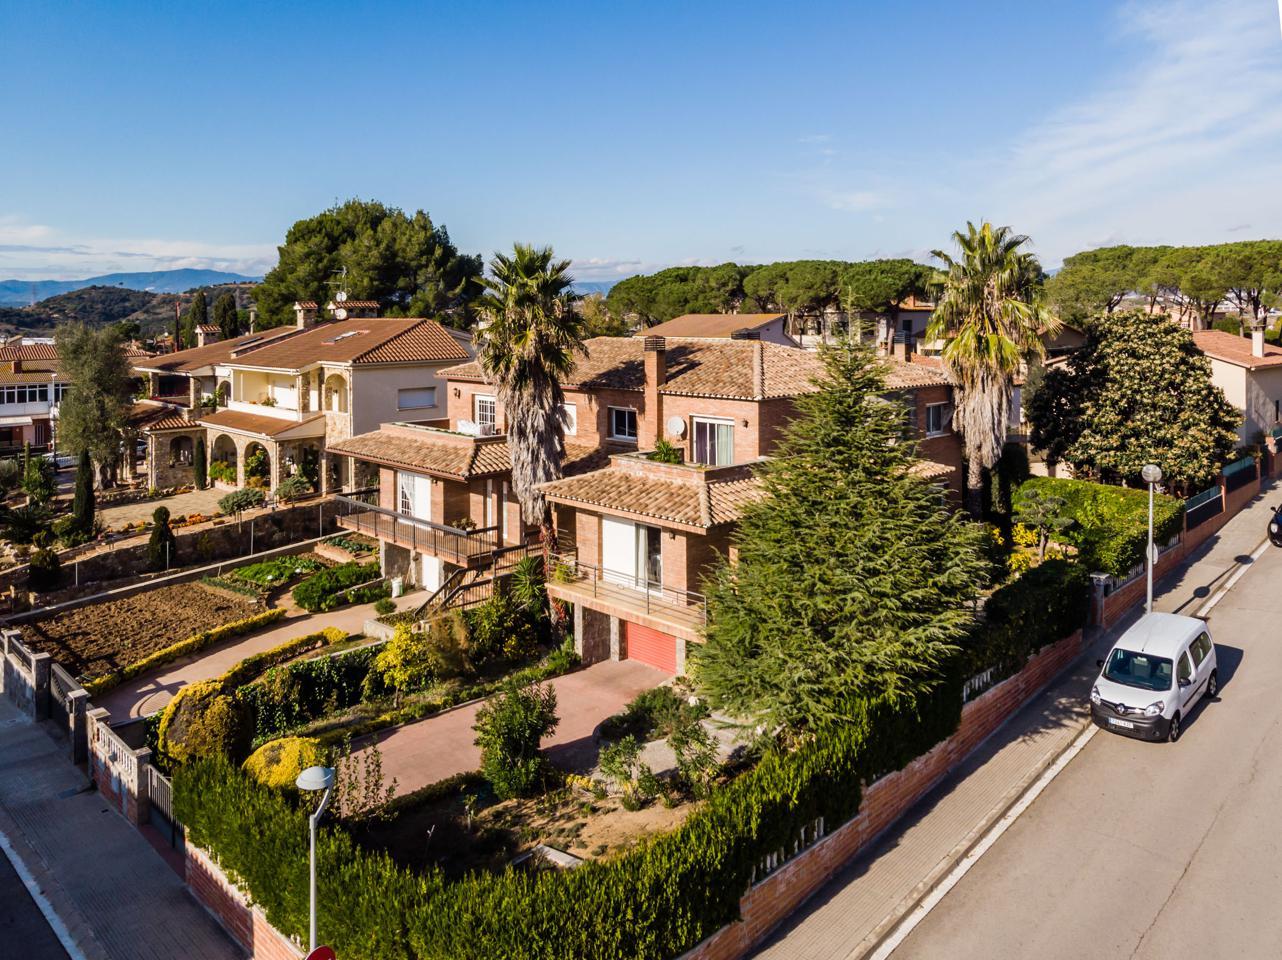 villa en montornes-del-valles · carrer-de-rafael-alberti-08170 415000€